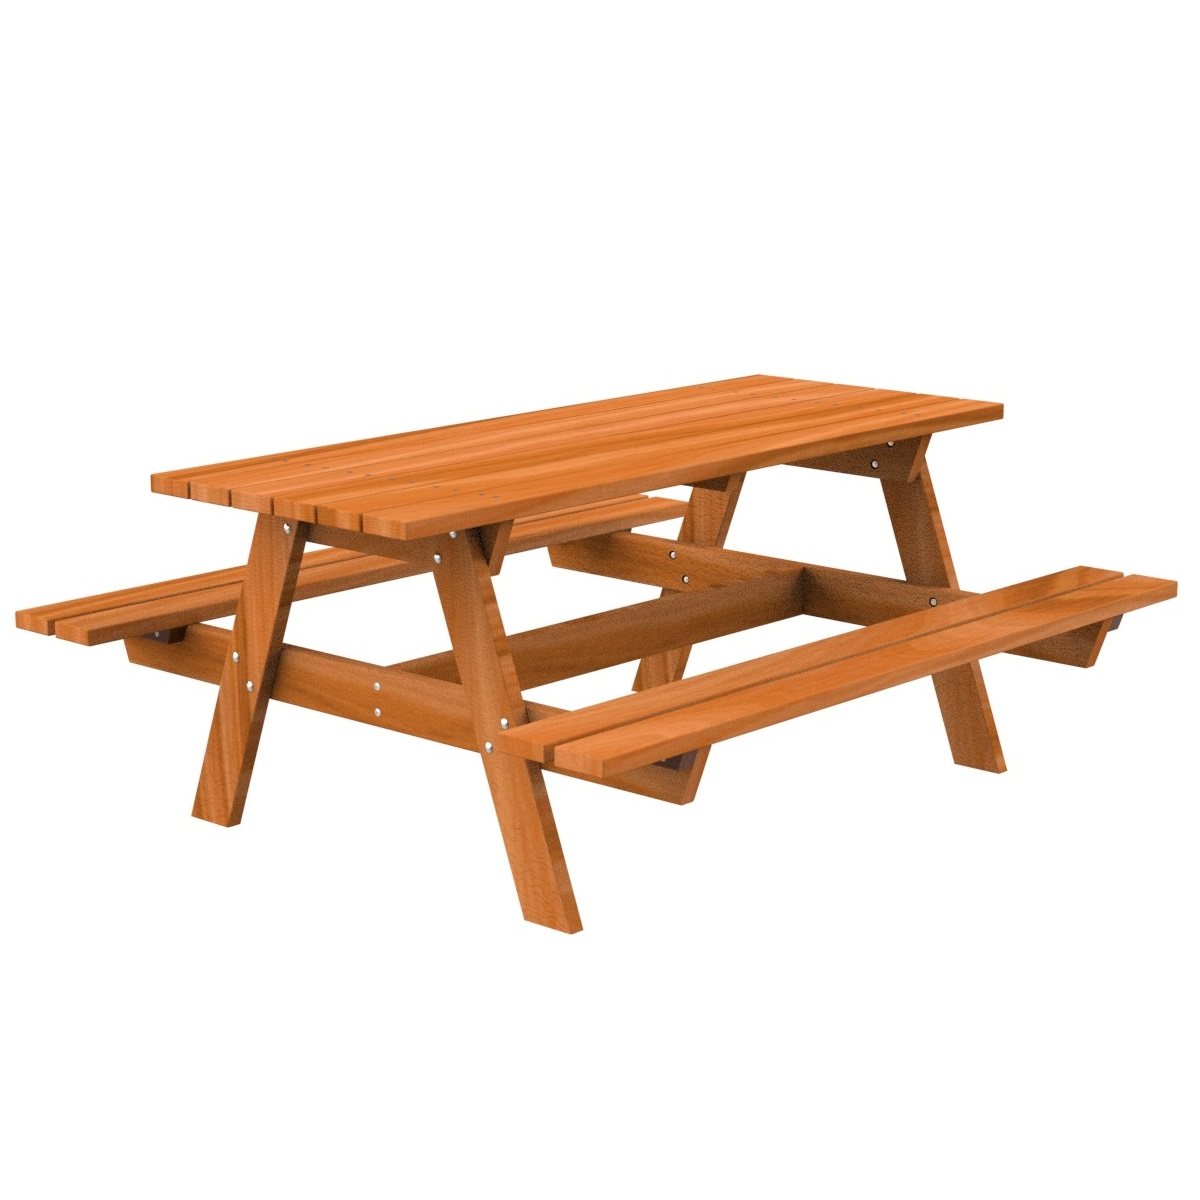 Mesa picnic madera tropical mobiliario urbano parques y - Mesas de madera para jardin ...